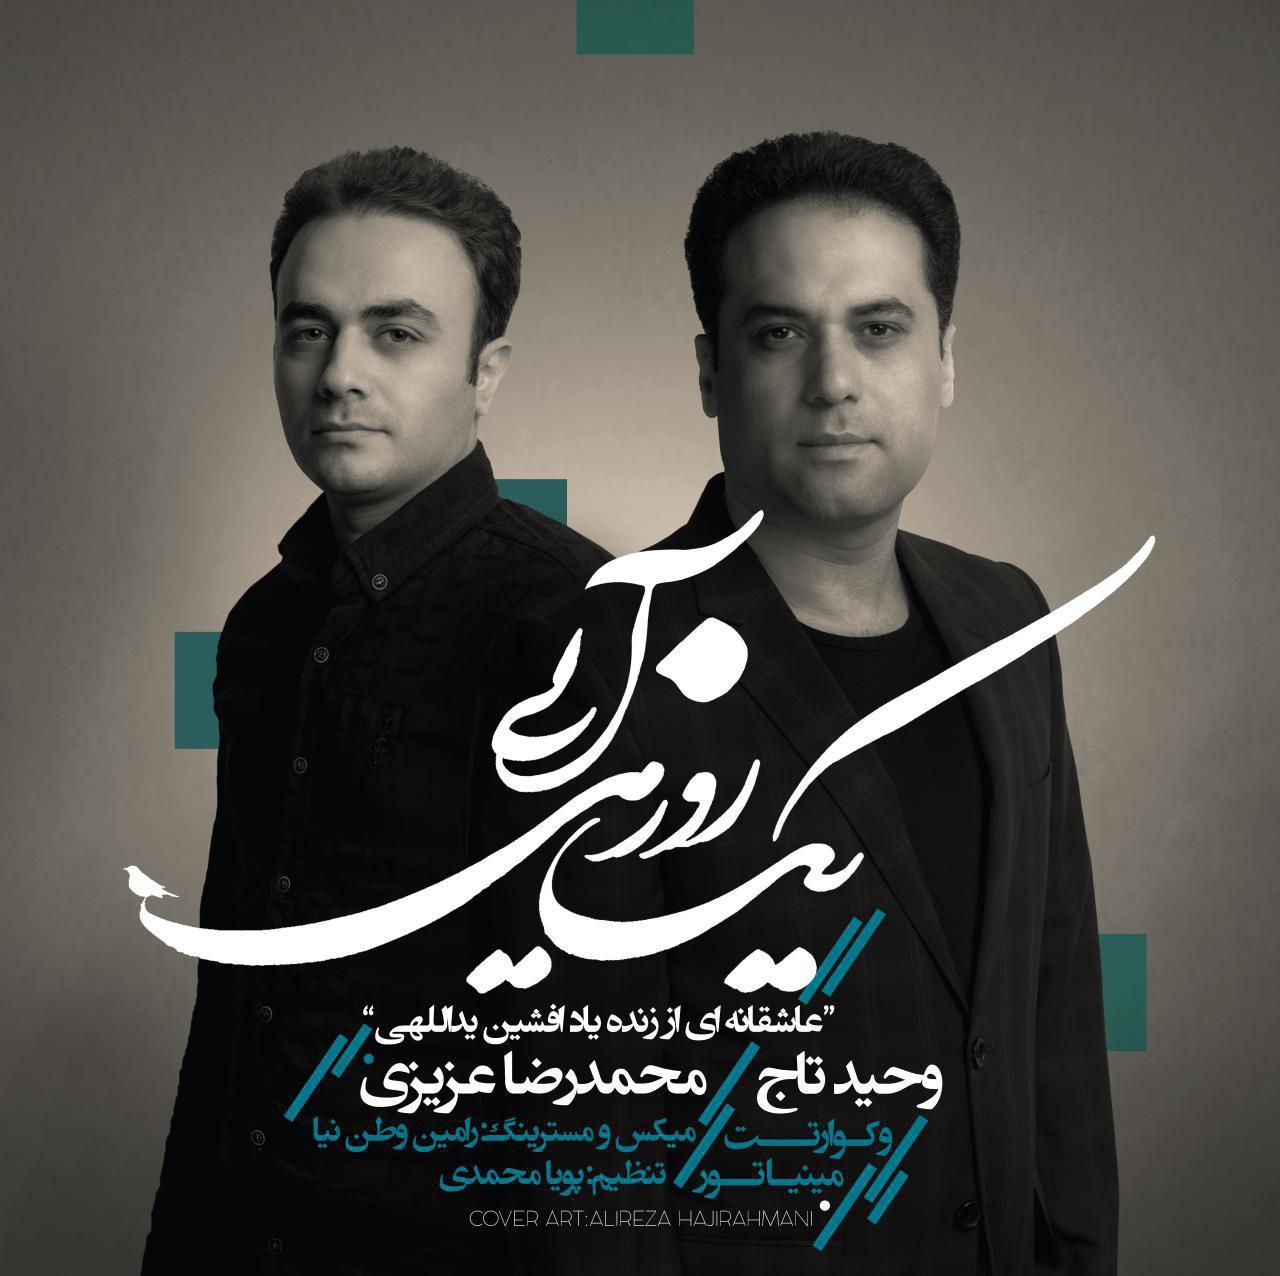 دانلود آهنگ جدید وحید تاج و محمد رضا عزیزی به نام یک روز می آیی